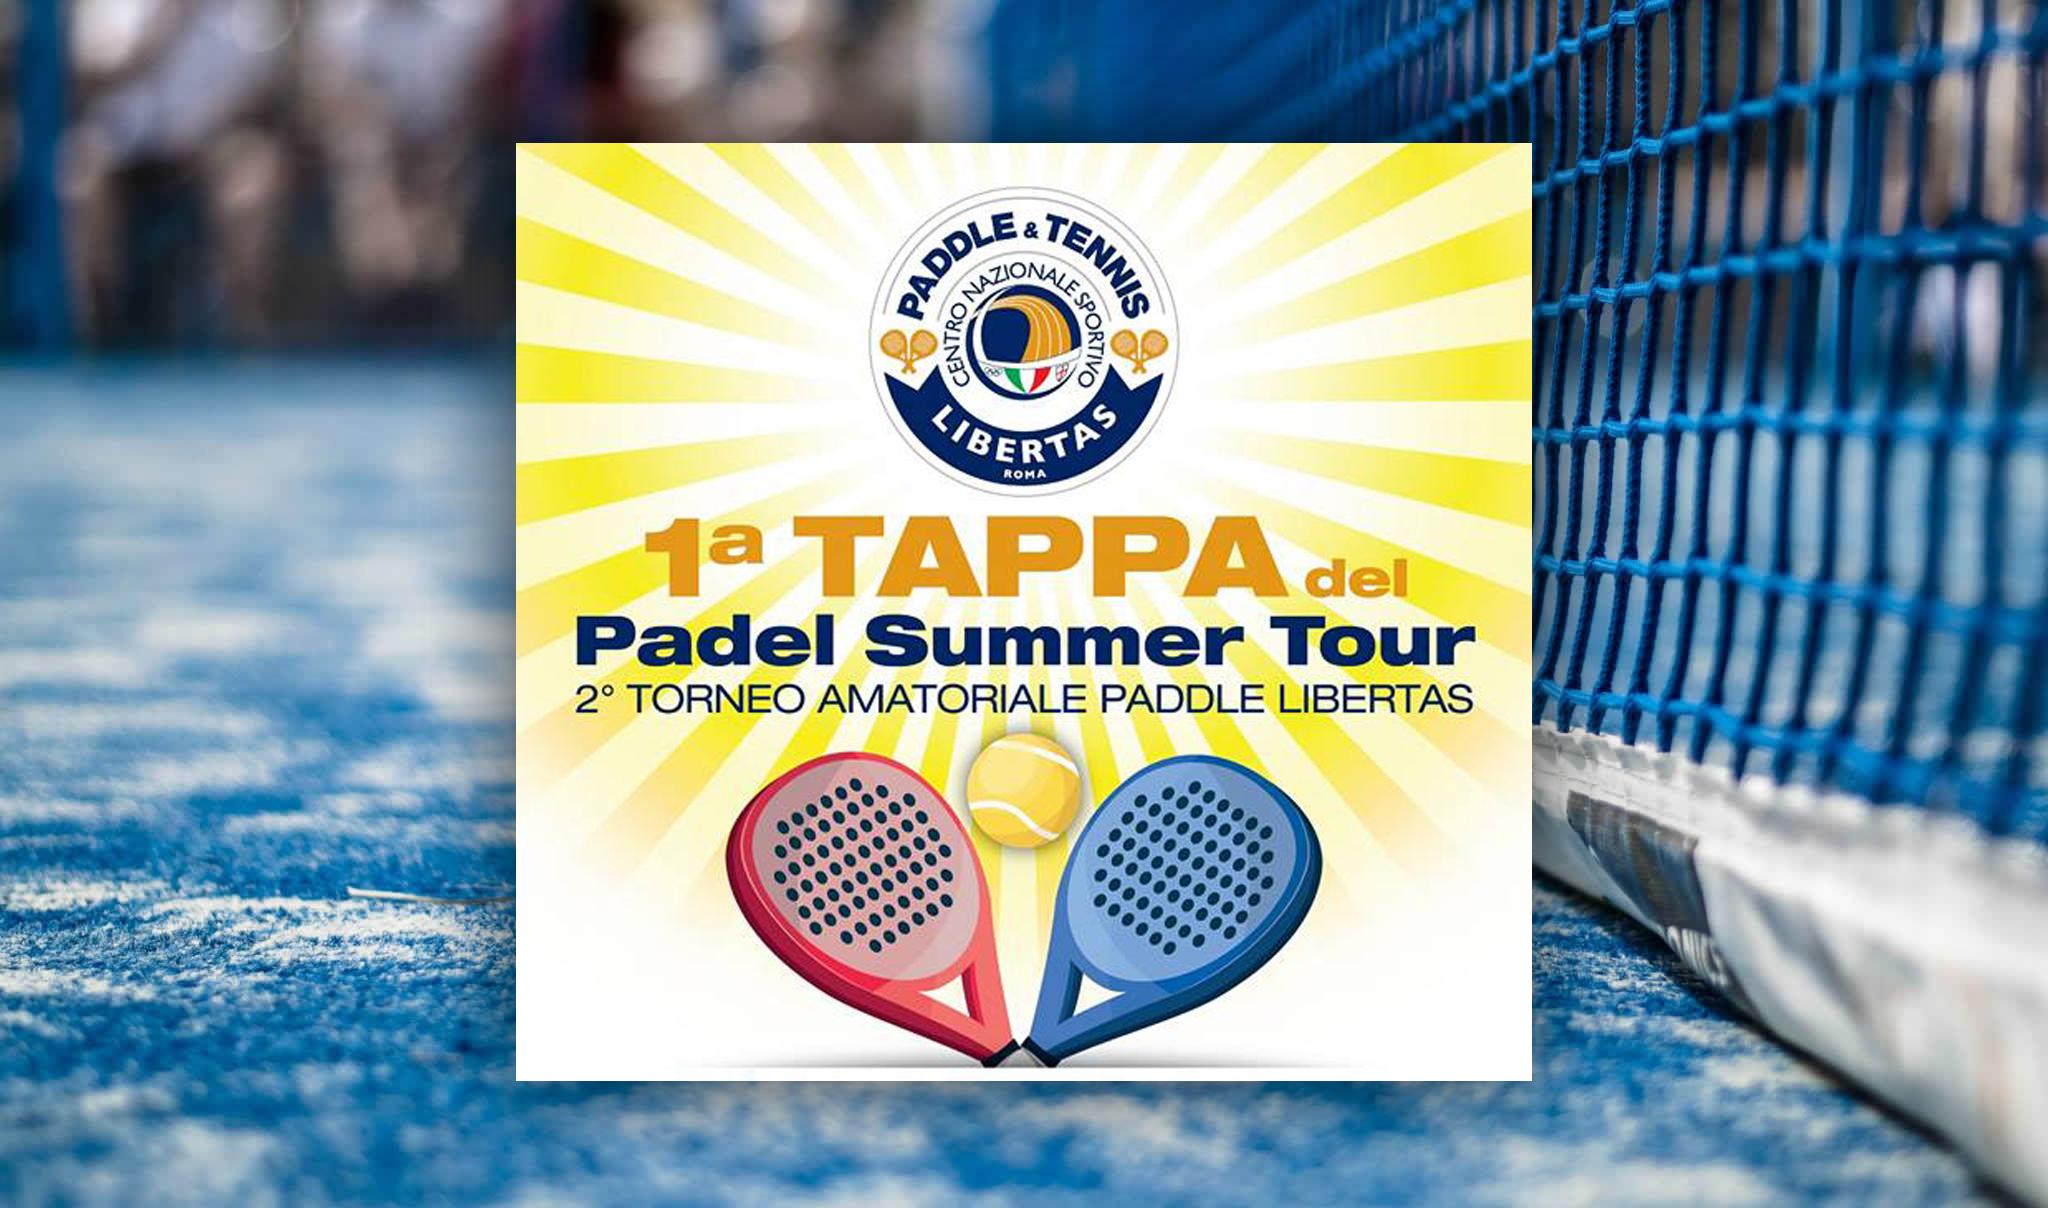 PADEL – Roma, Il 25 Settembre Si Chiude La Prima Edizione Del Padel Summer Tour Presso L'Hill23